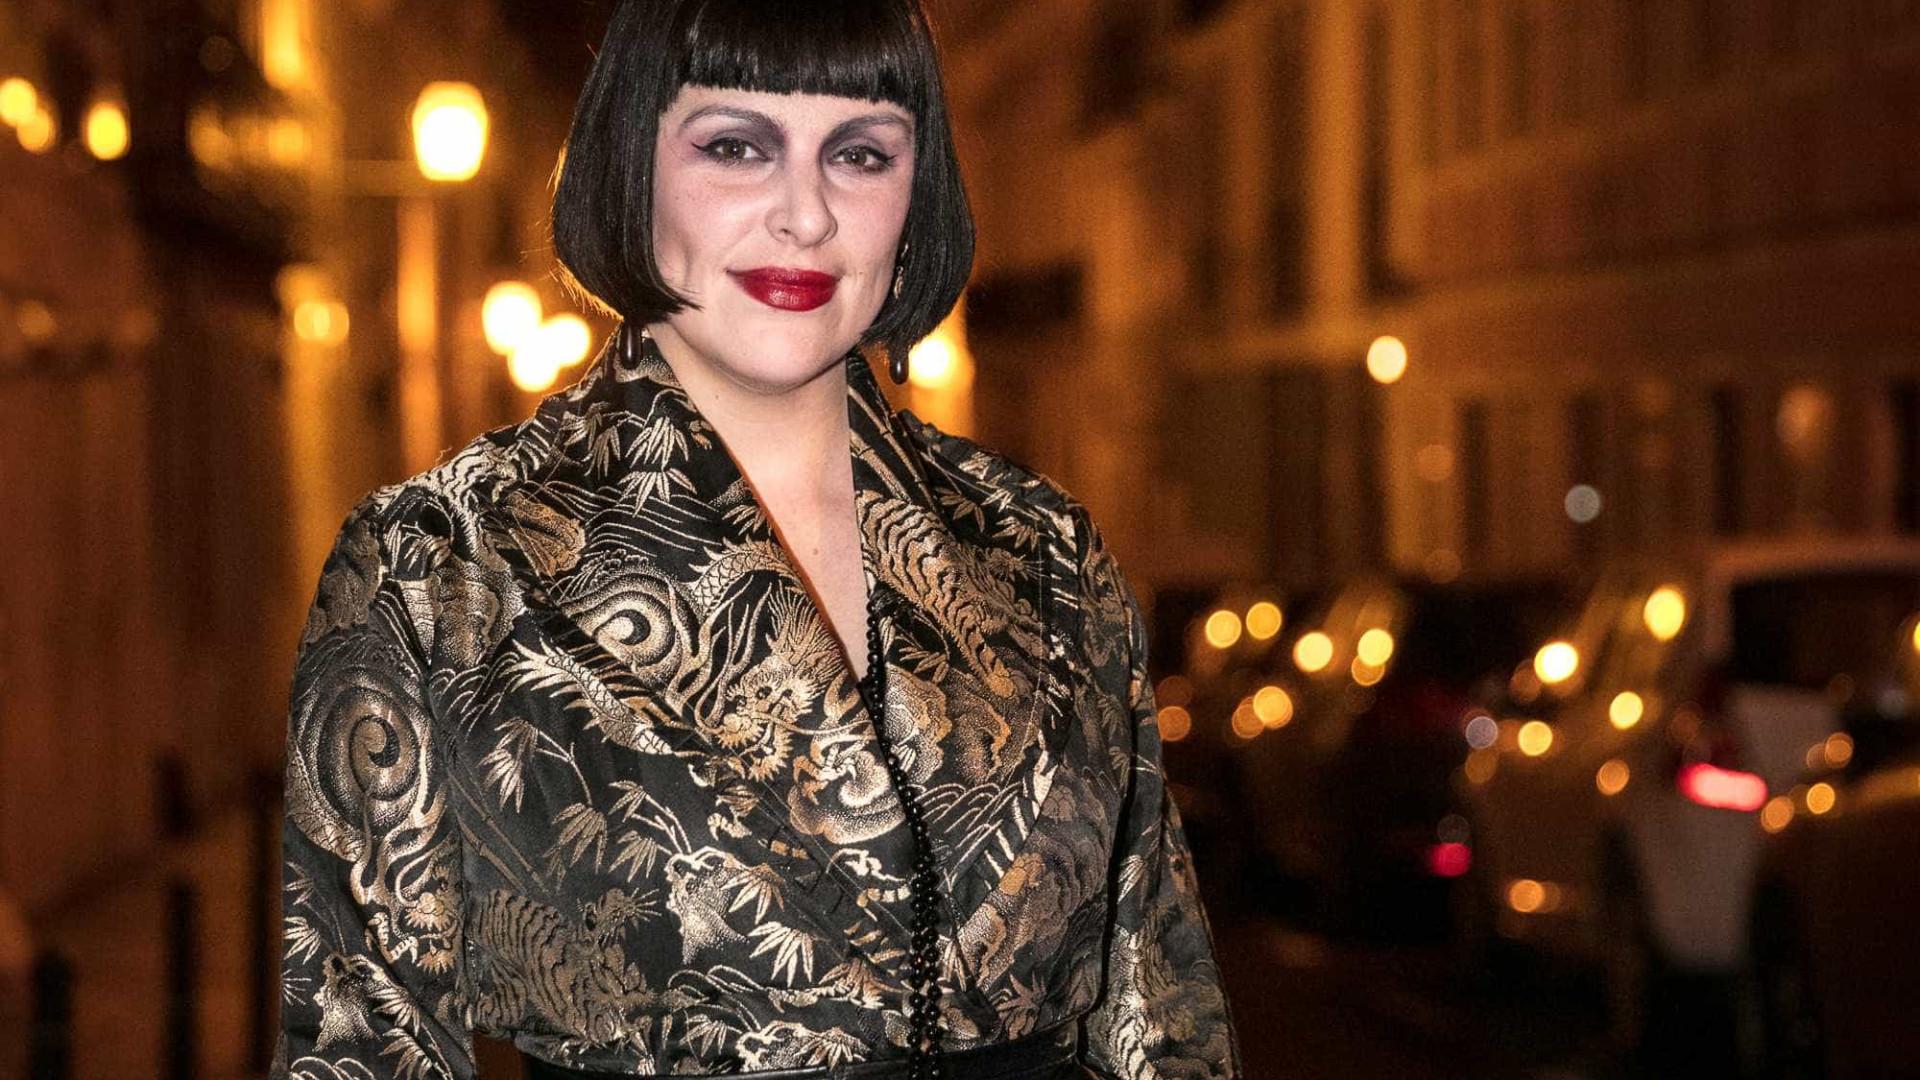 Sónia Tavares insultada após mostrar regras de vestuário em escola